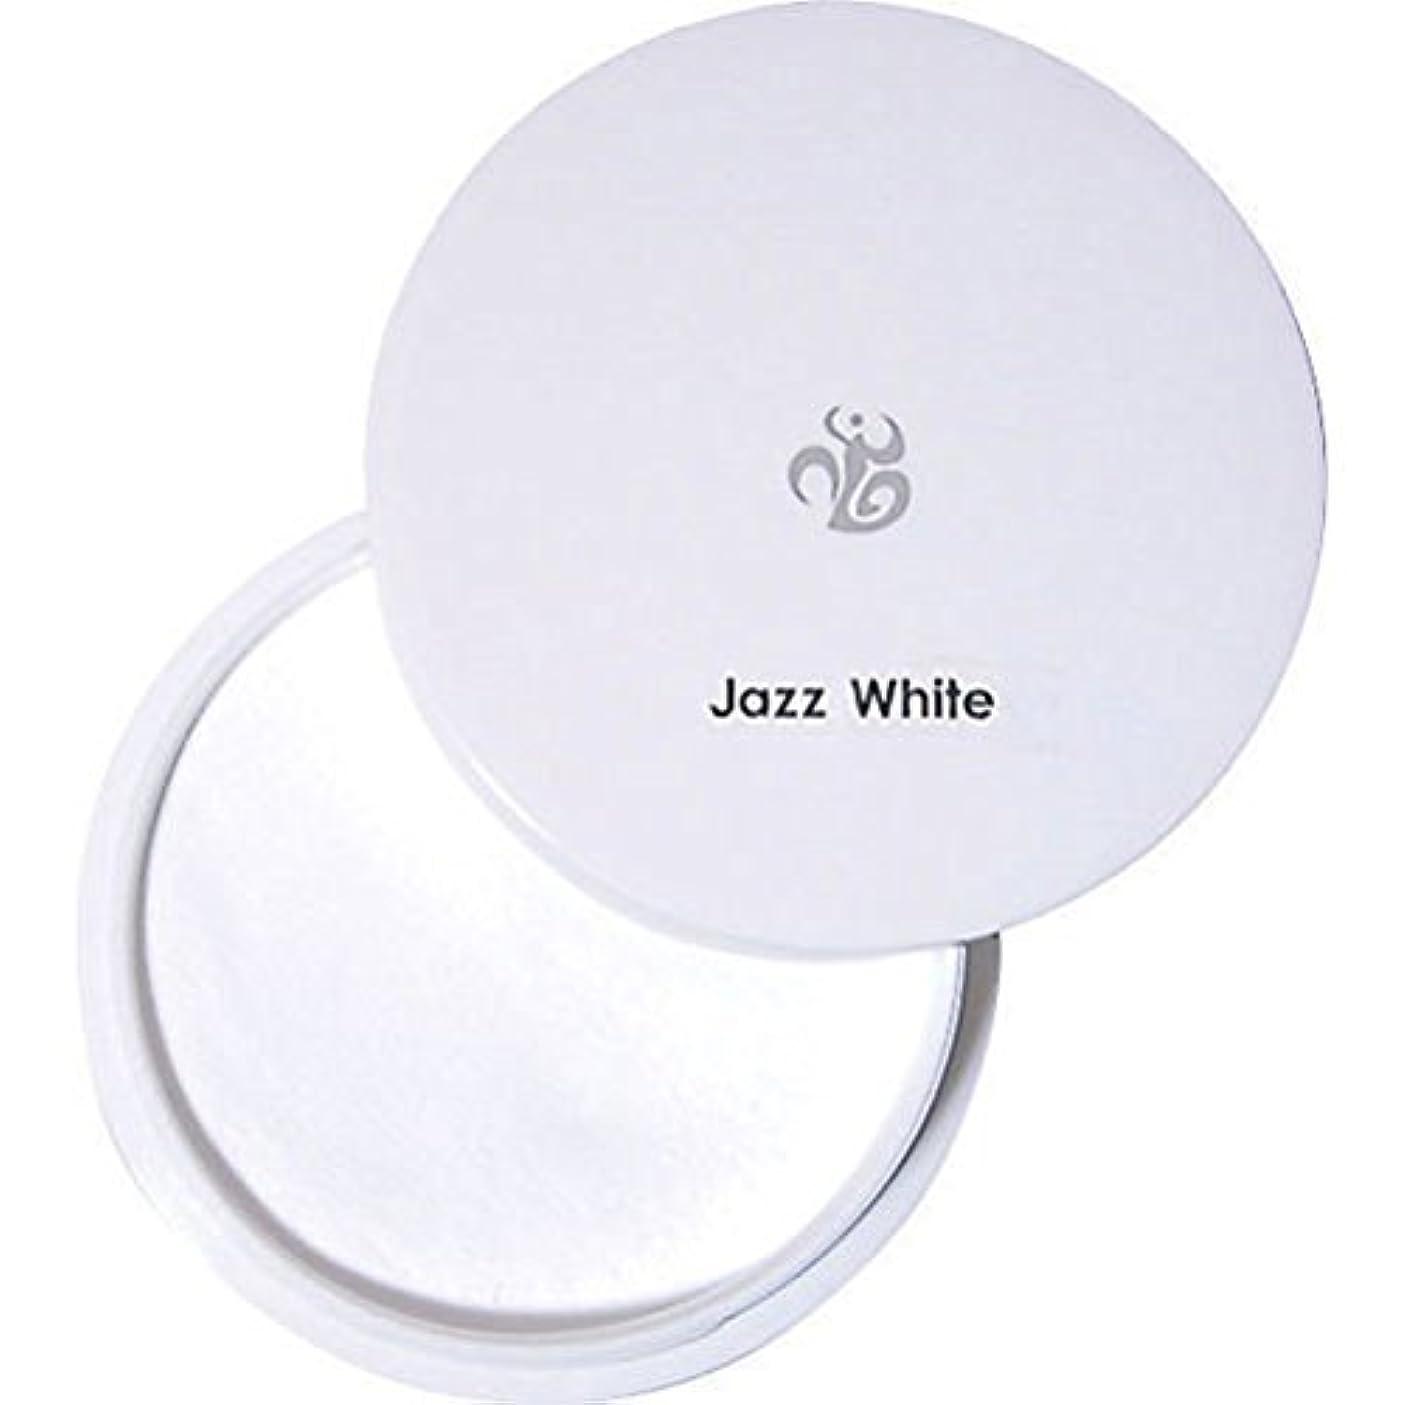 破壊的な息苦しい一掃するパウダー ジャズホワイト 20g